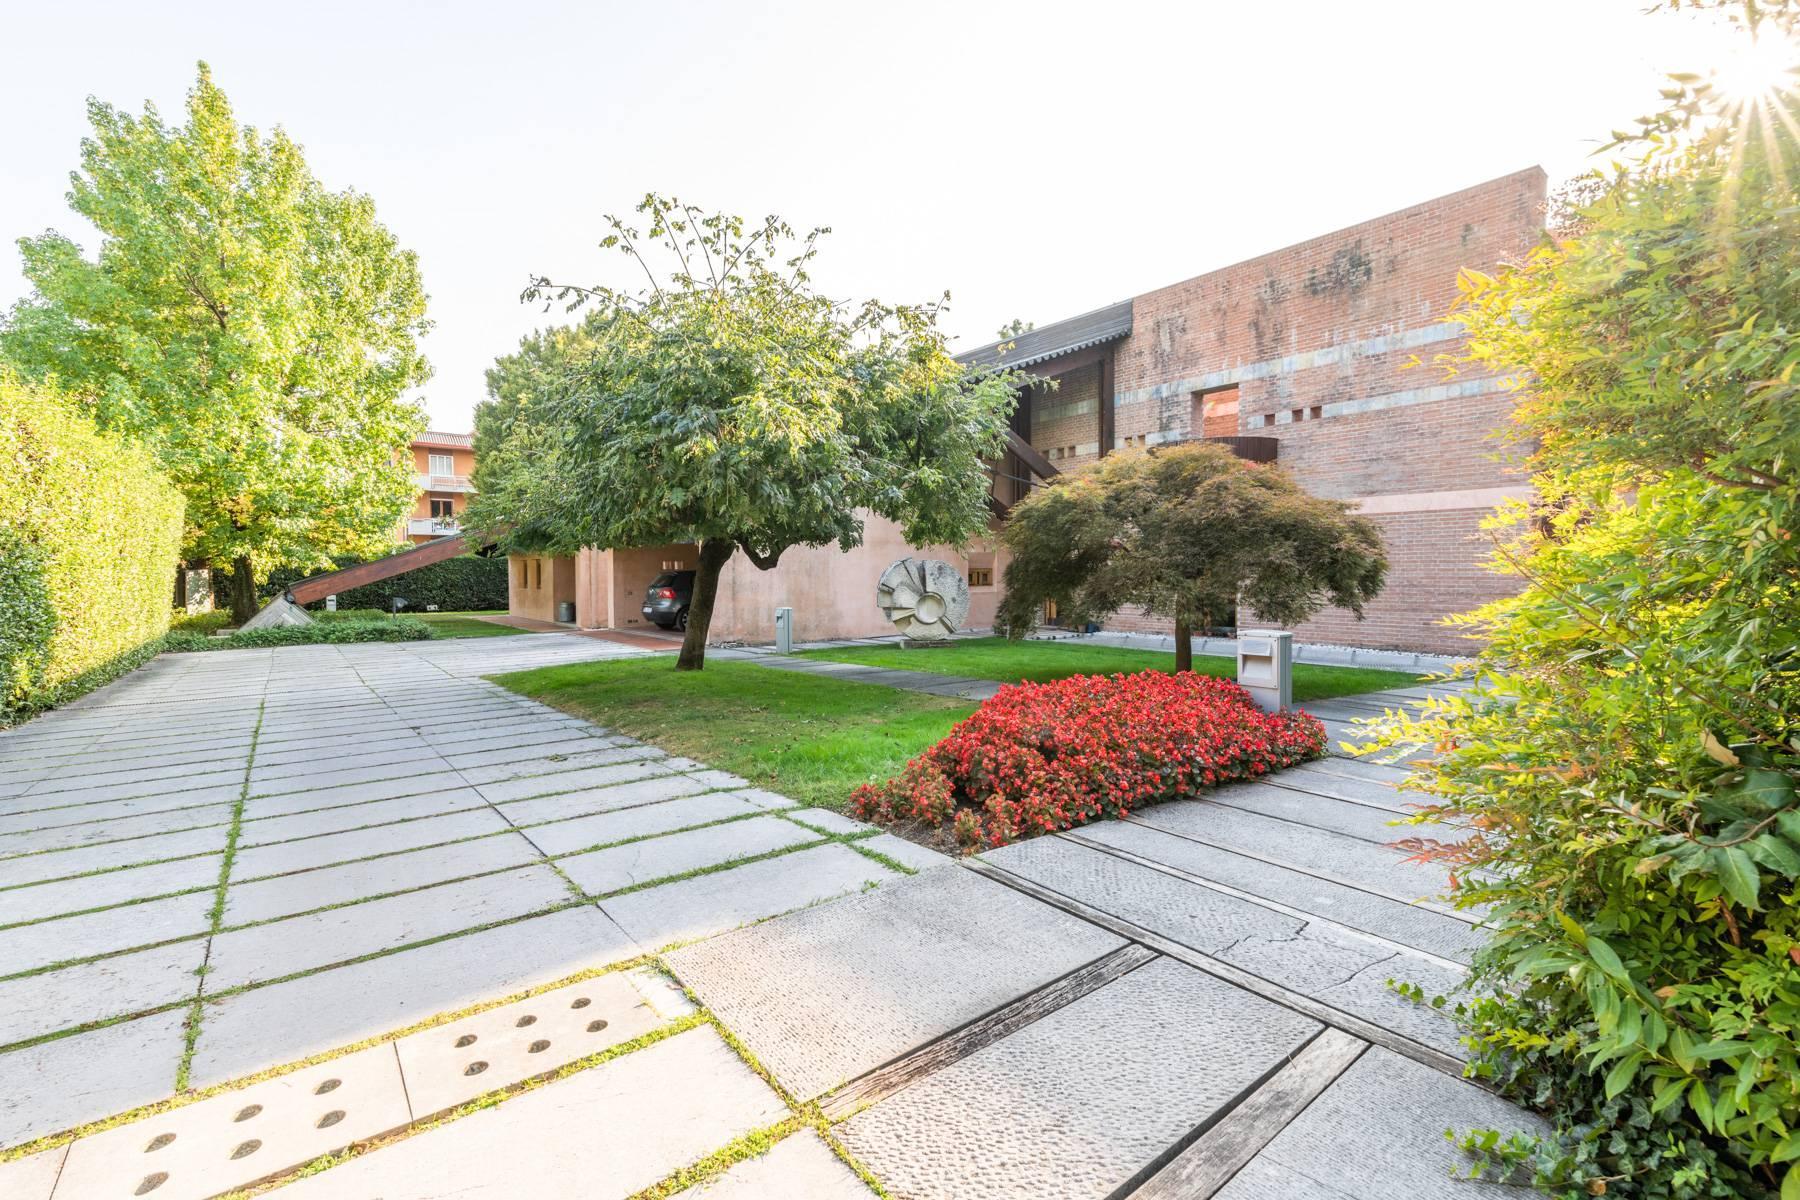 Raffinata Villa d'autore con giardino ed opere d'arte nel centro della città - 25